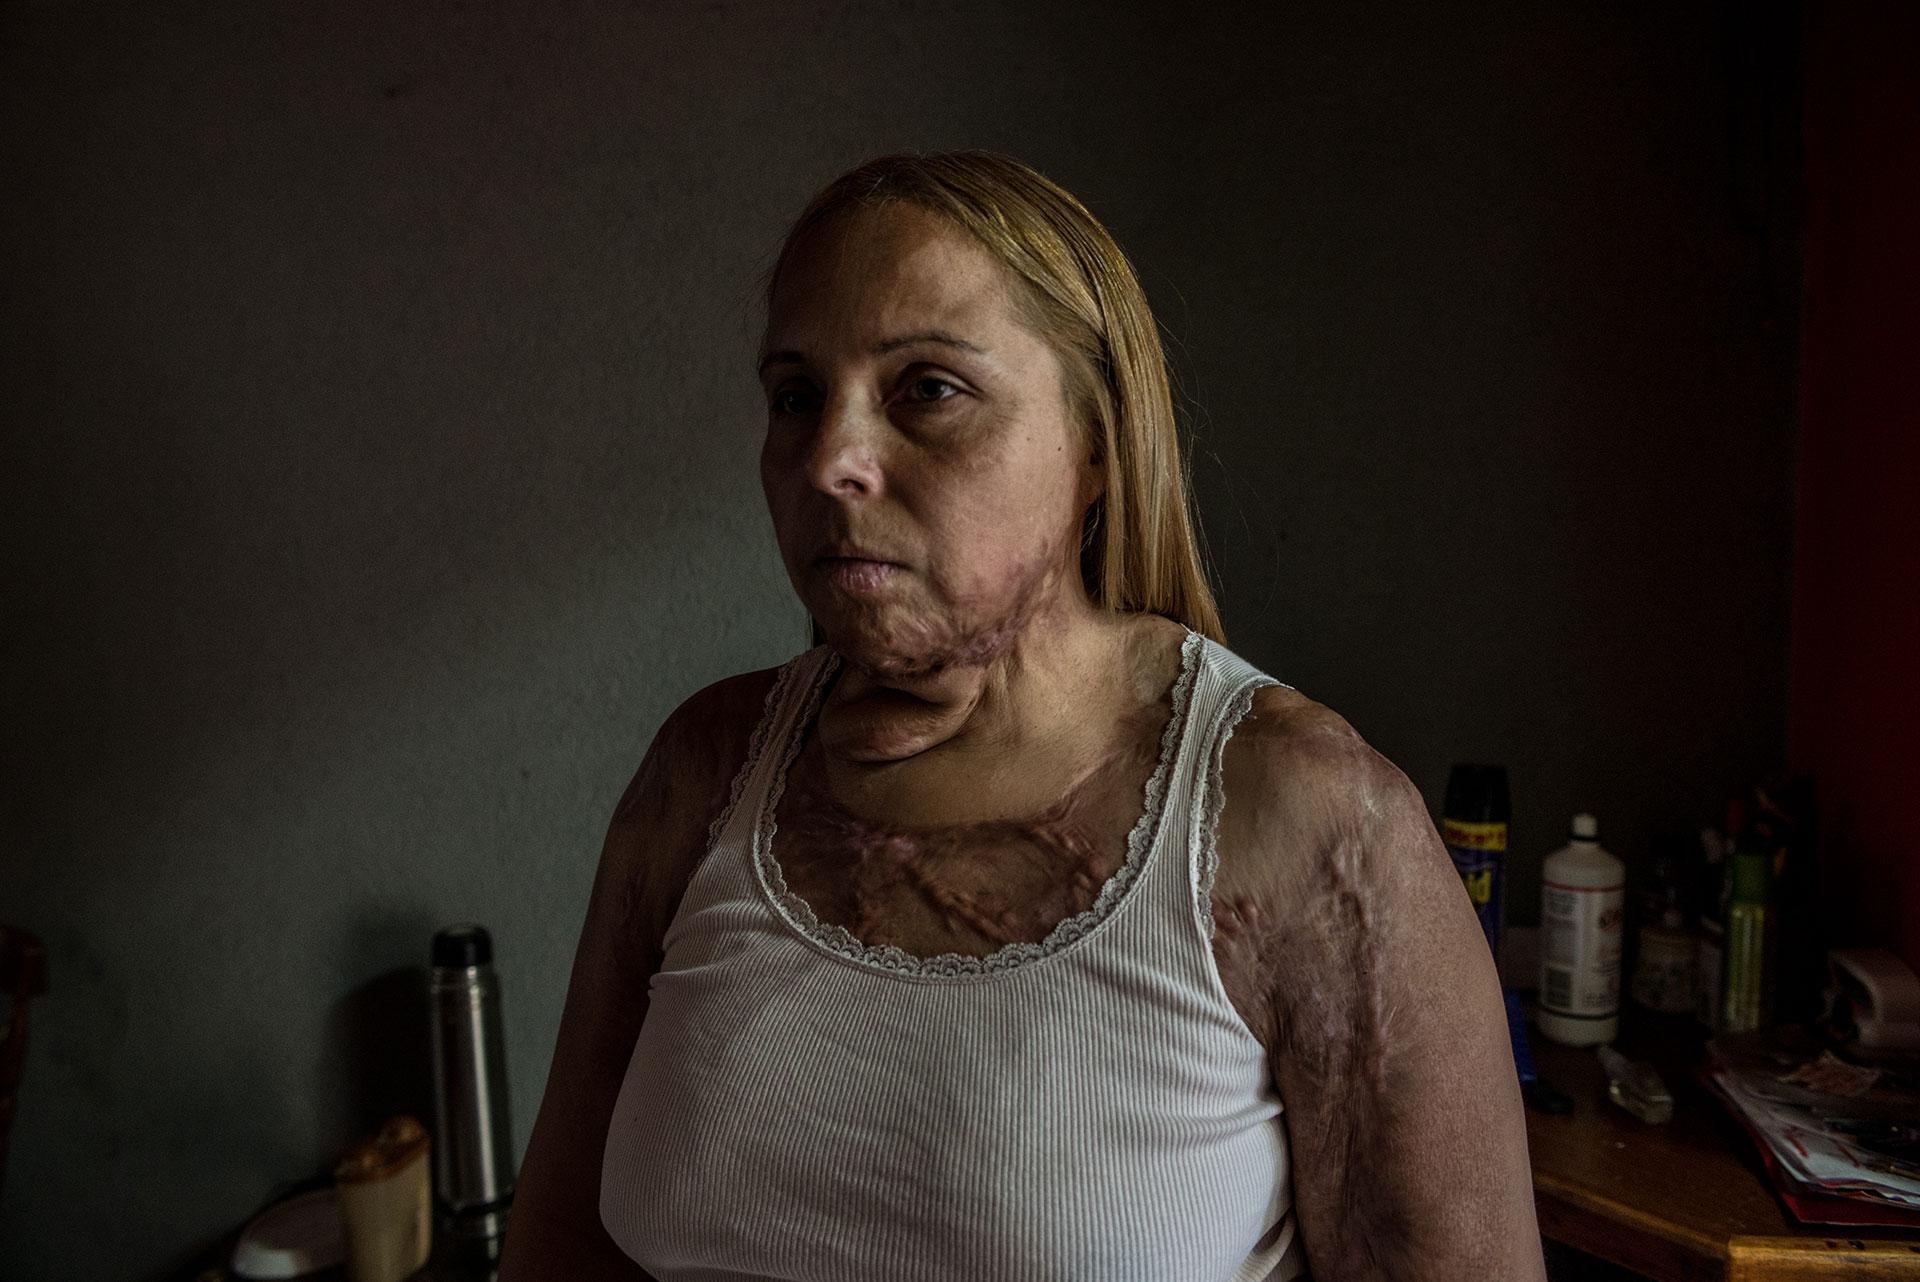 Karina Abregu fue quemada por su esposo, que es alcohólico, después de 11 años de violencia. Actualmente no puede trabajar debido a sus condiciones de salud y no recibe ningún tipo de ayuda del gobierno. Ella está luchando por sus derechos apoyada por su hermana Carolina.